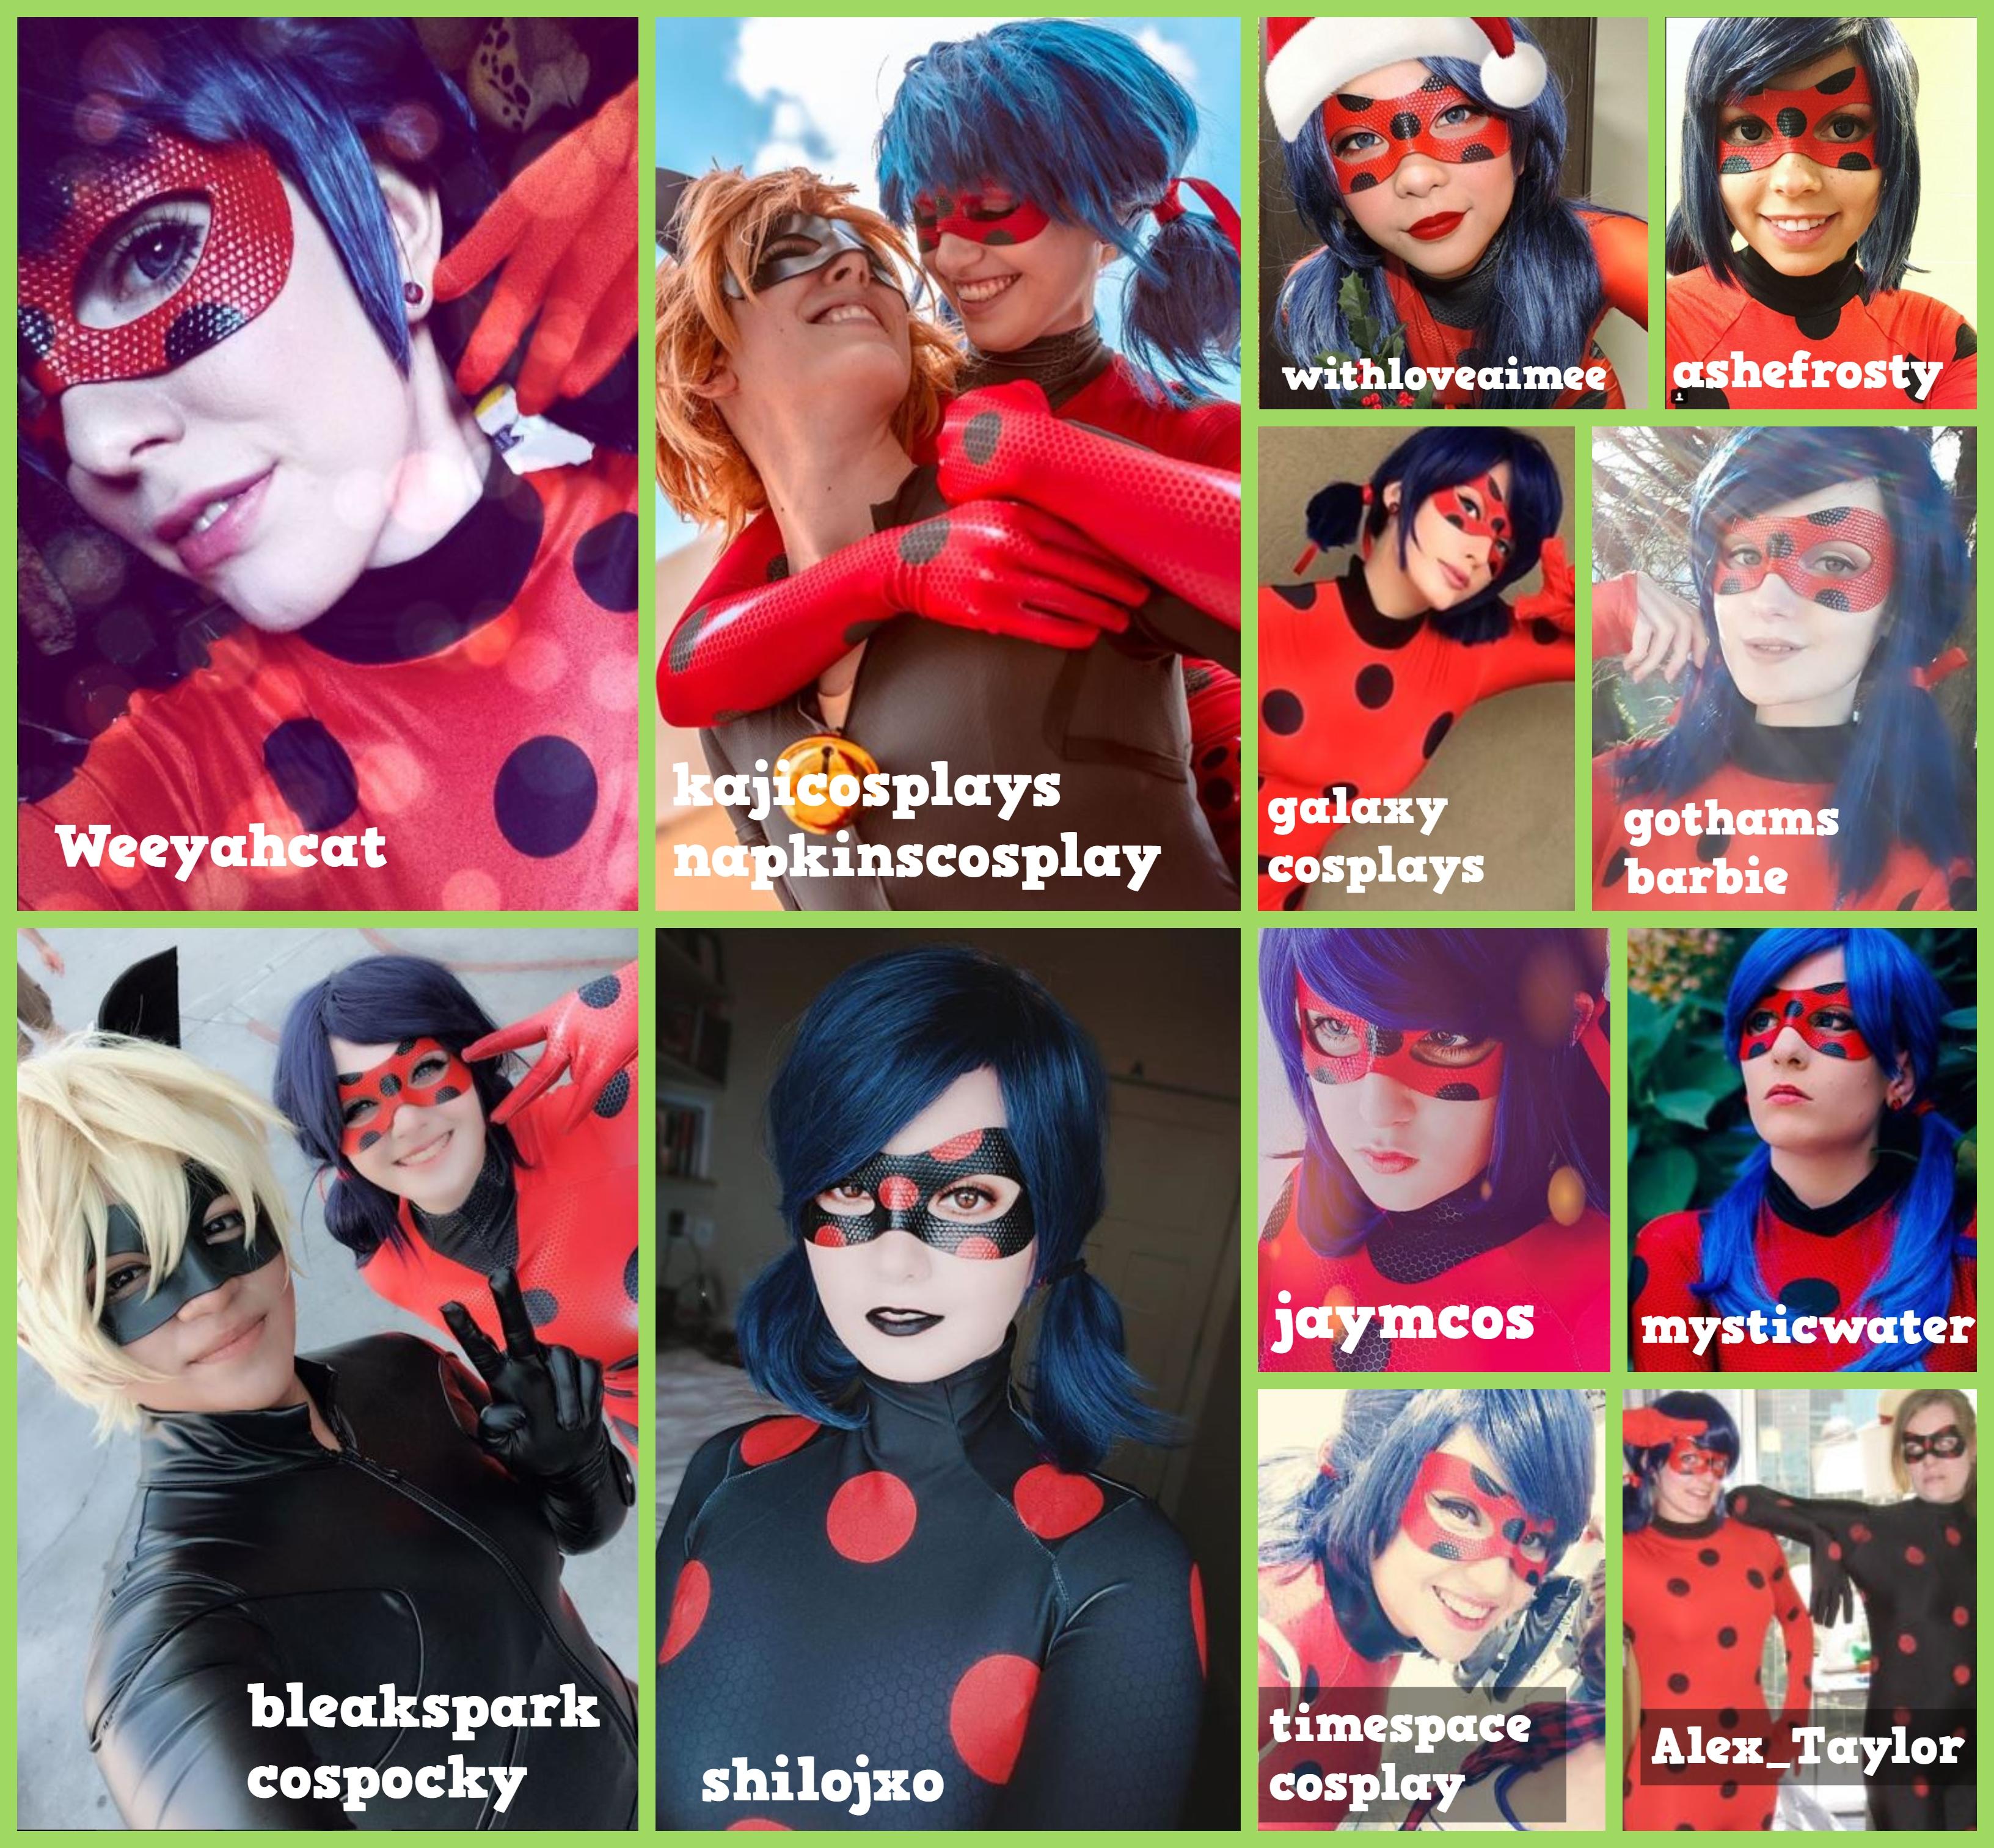 miraculous-ladybug-cosplay-collage2.jpg